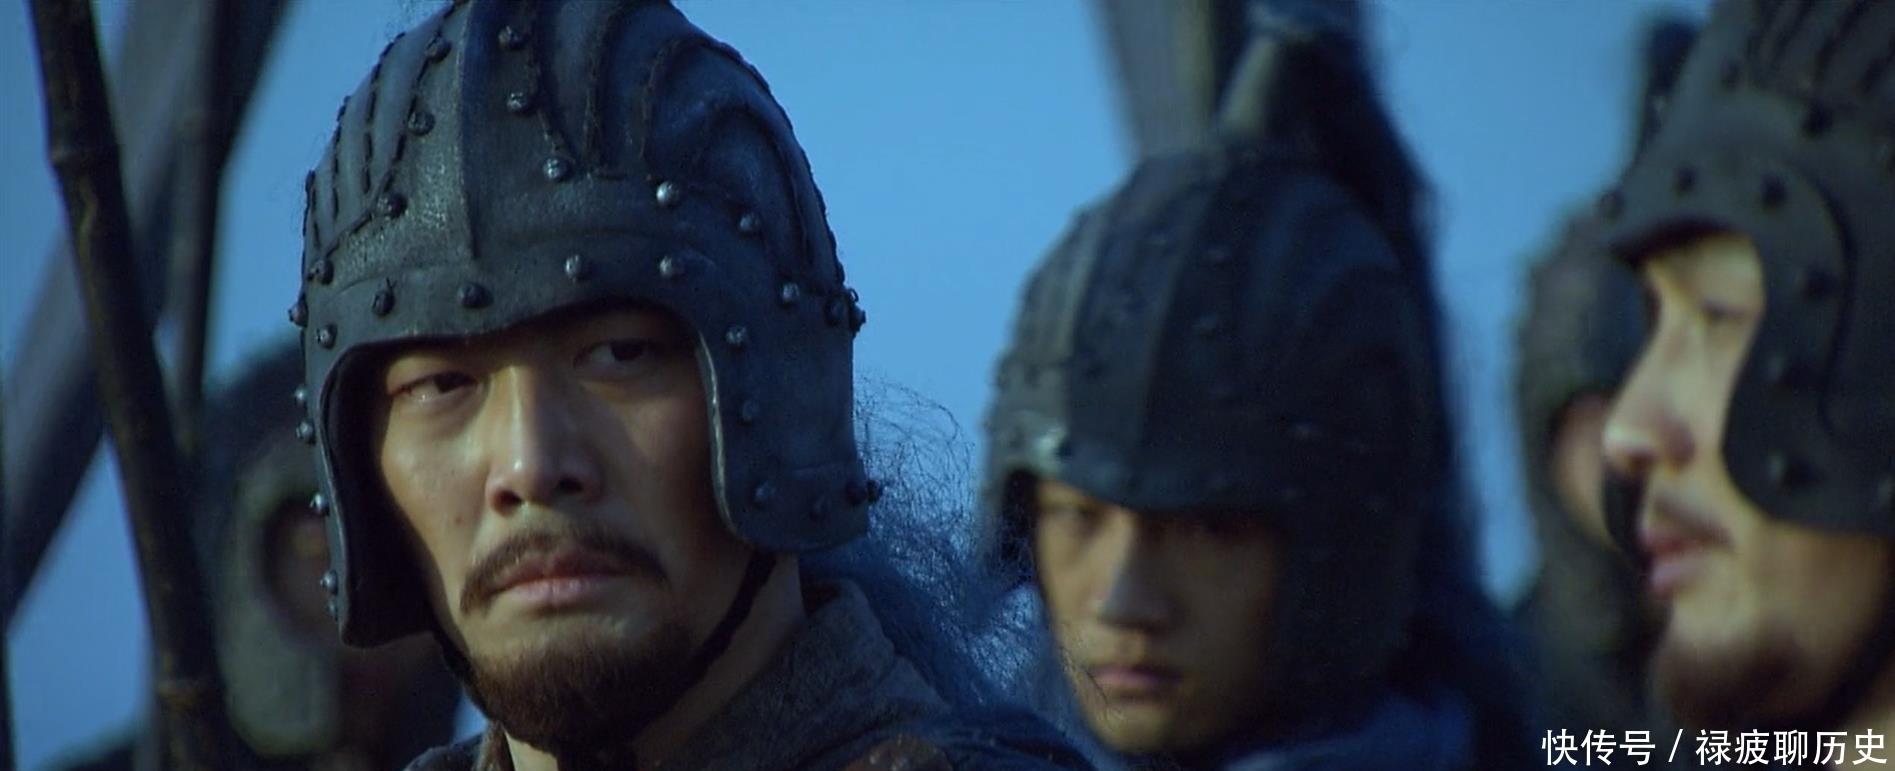 蜀漢最低調的大將,撐起蜀漢半壁江山,此人不死,鄧艾進不了成都